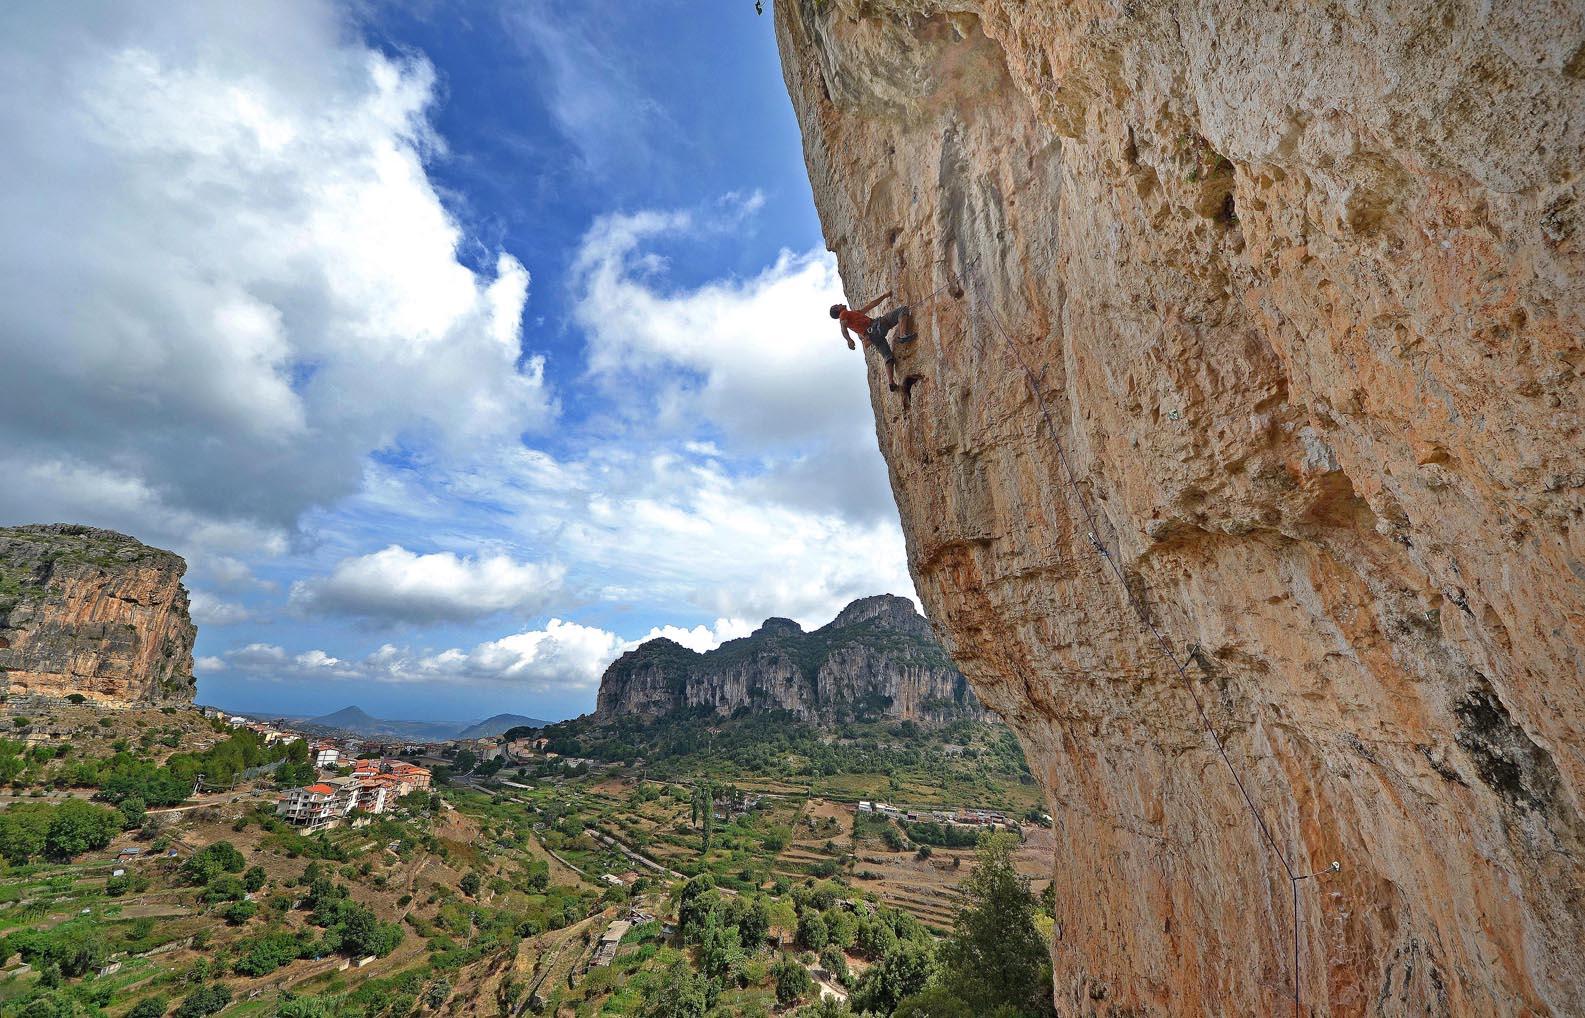 Free climbing - foto tratta da http://www.ulassaiclimbing.com/